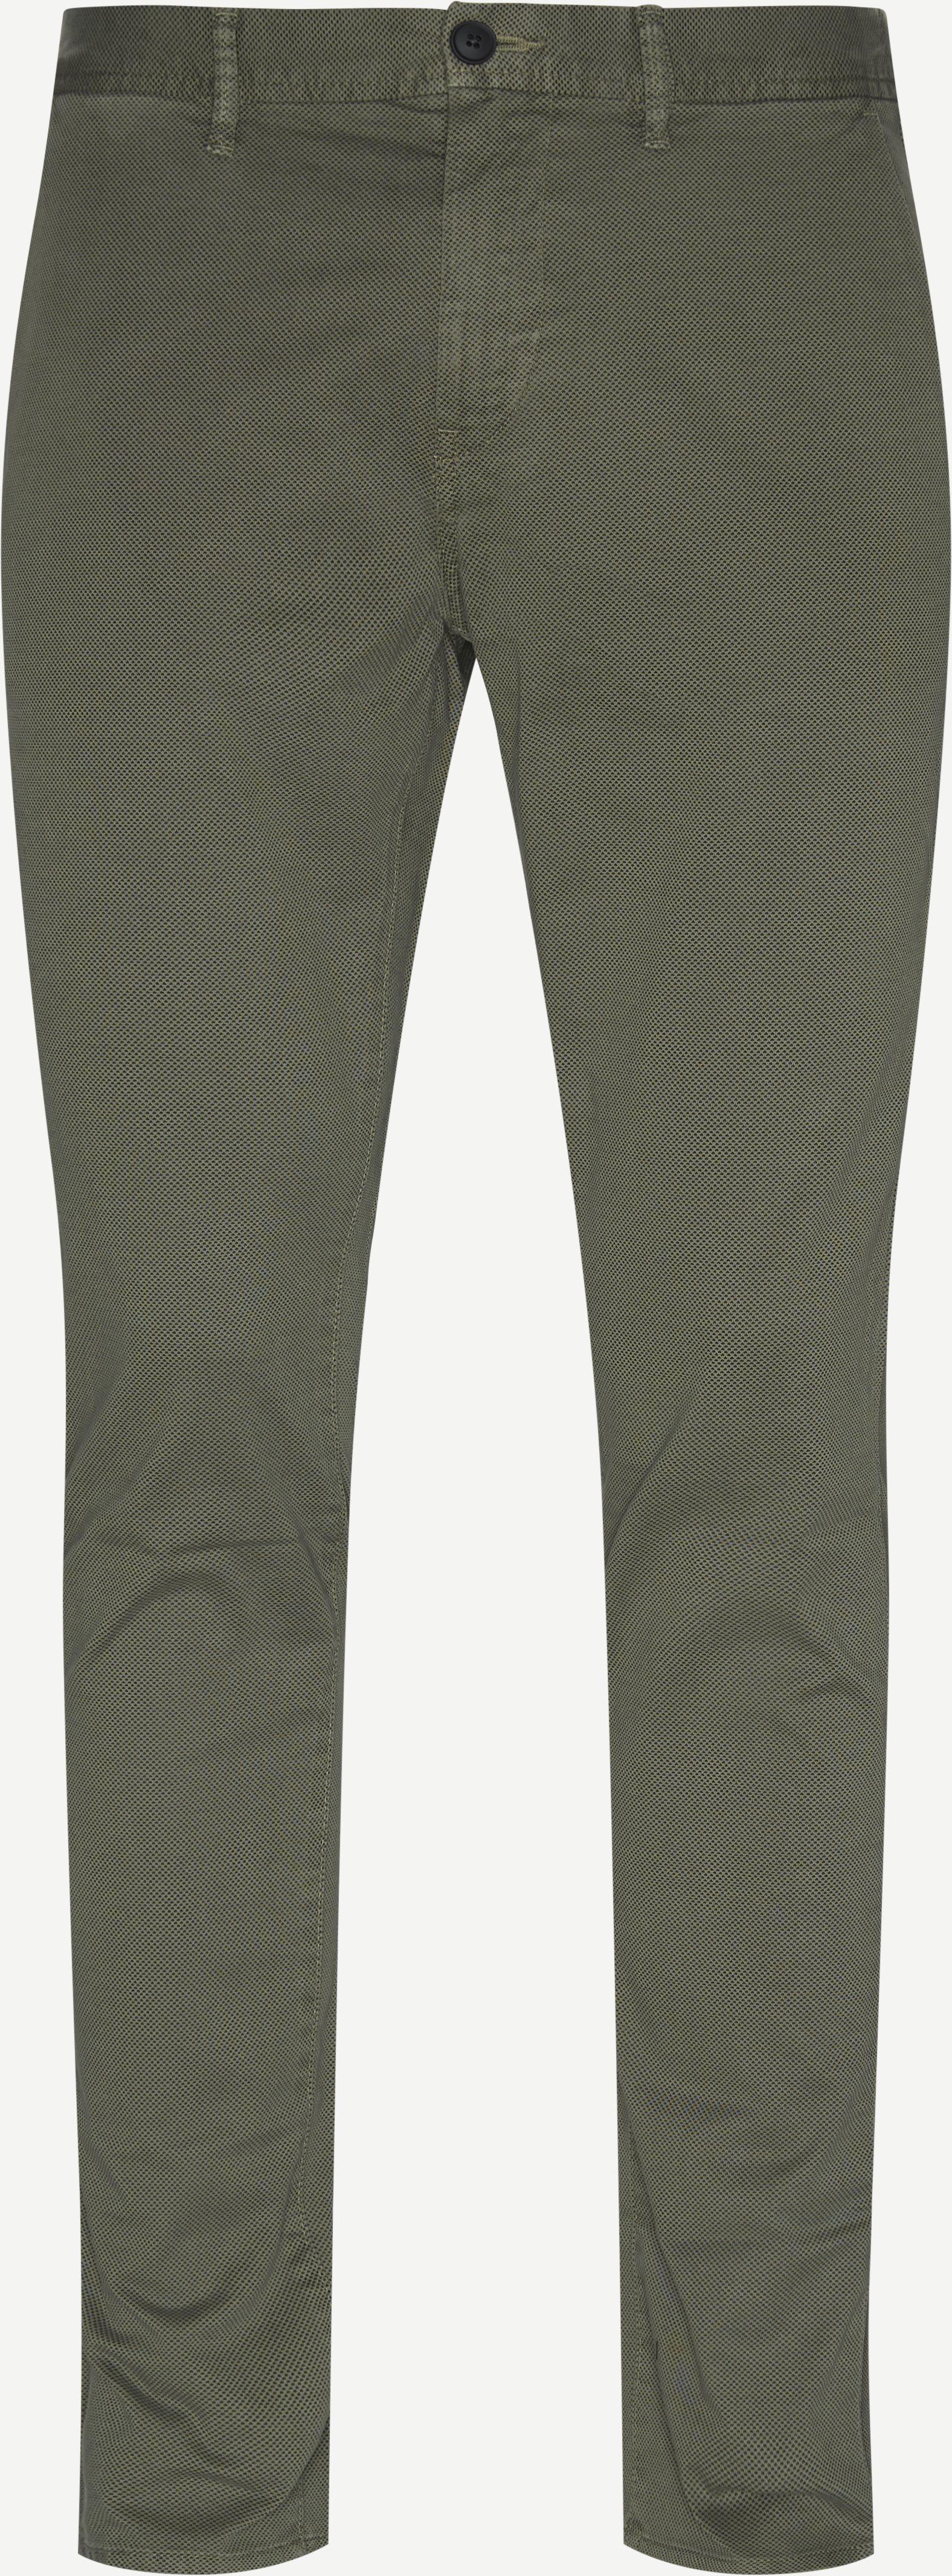 Byxor - Slim - Grön